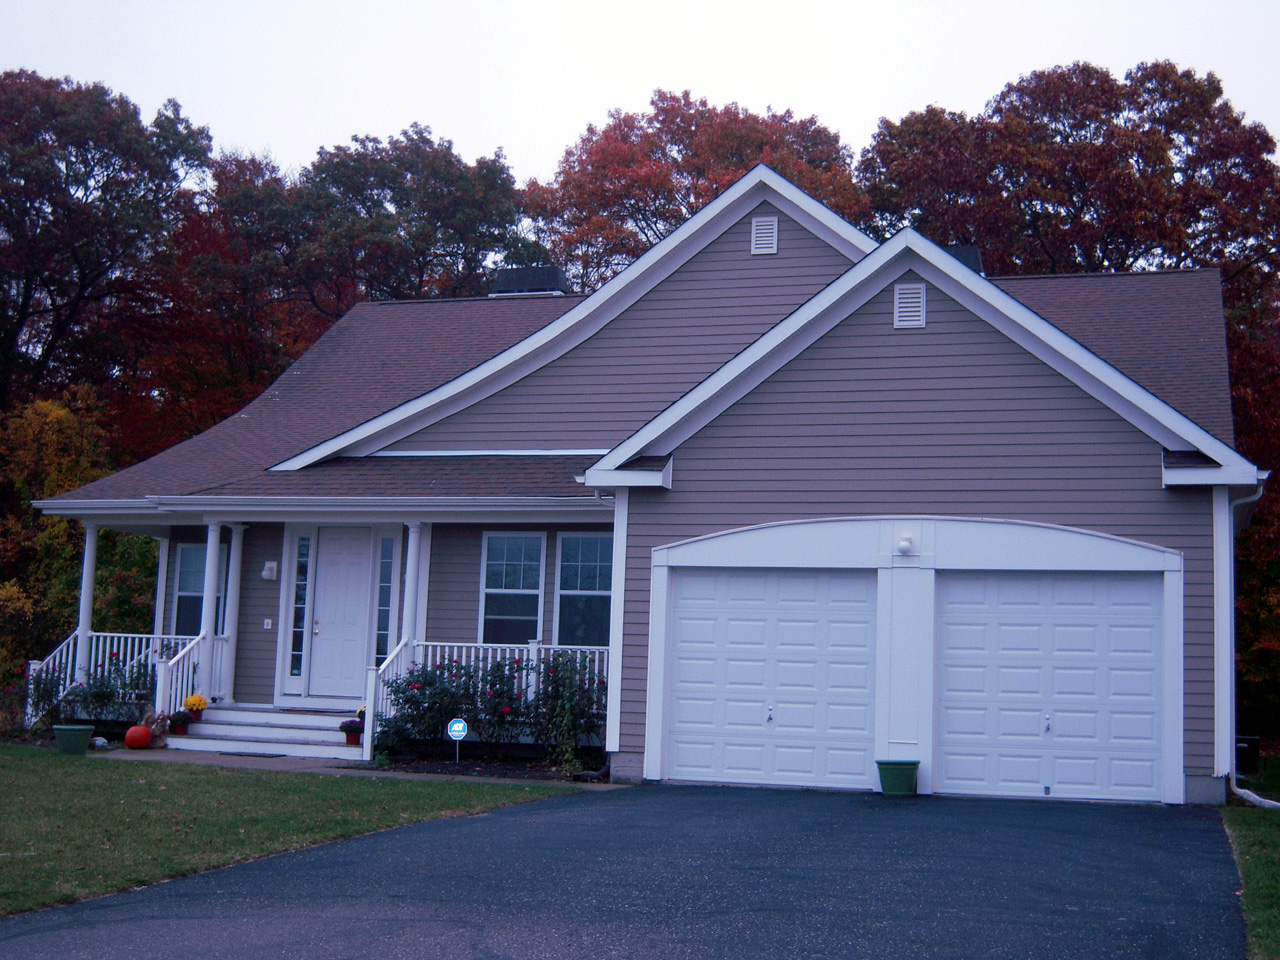 75 Tyler Drive, Riverhead, New York 11901